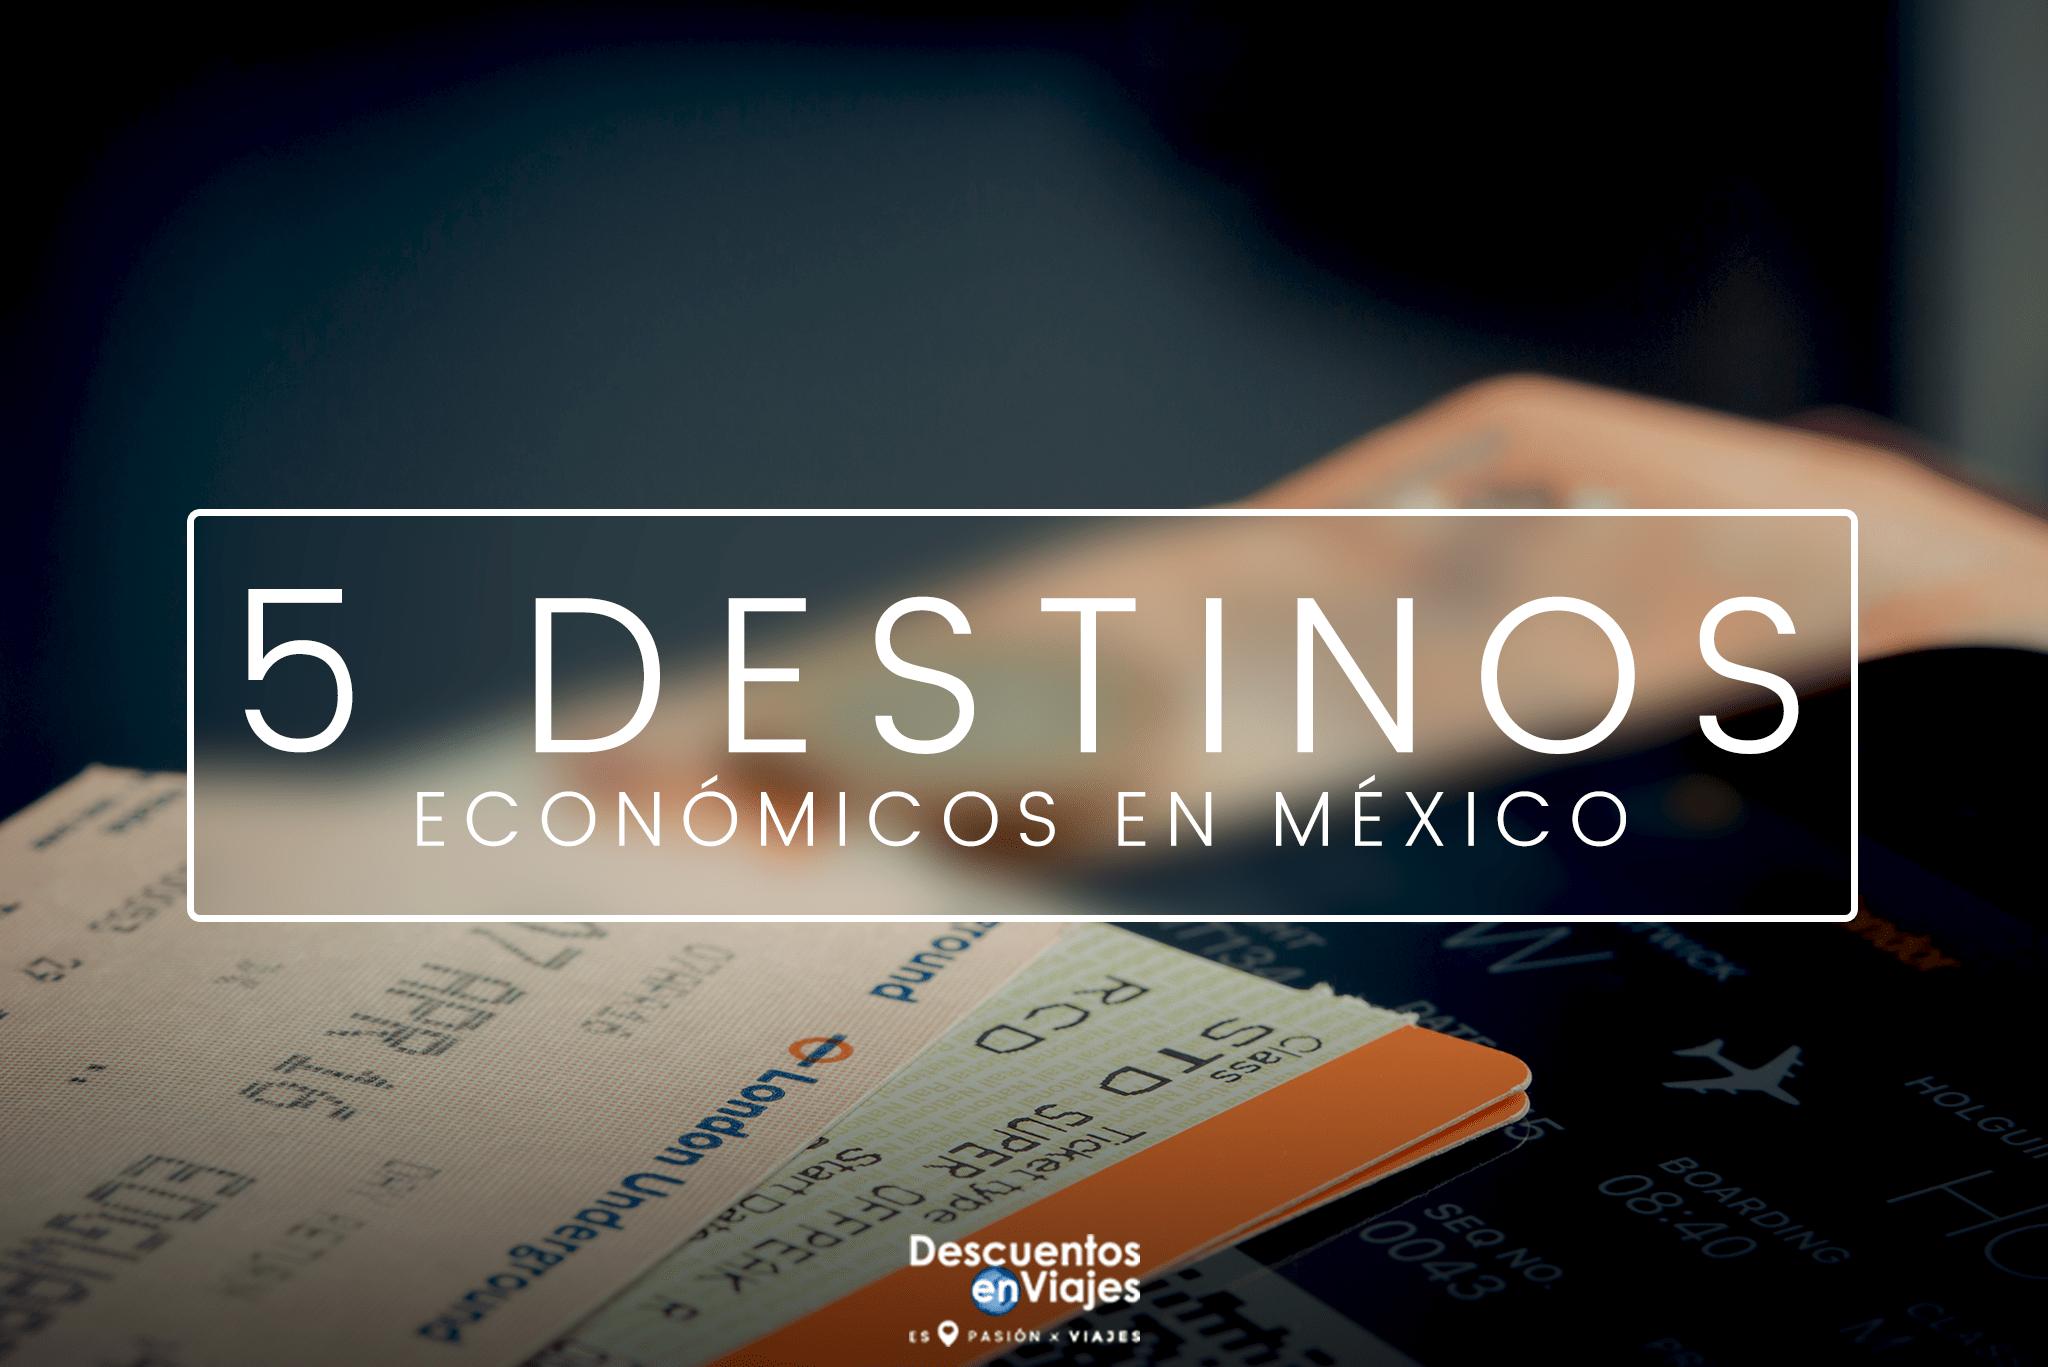 destinos economicos mexico descuentos viajes